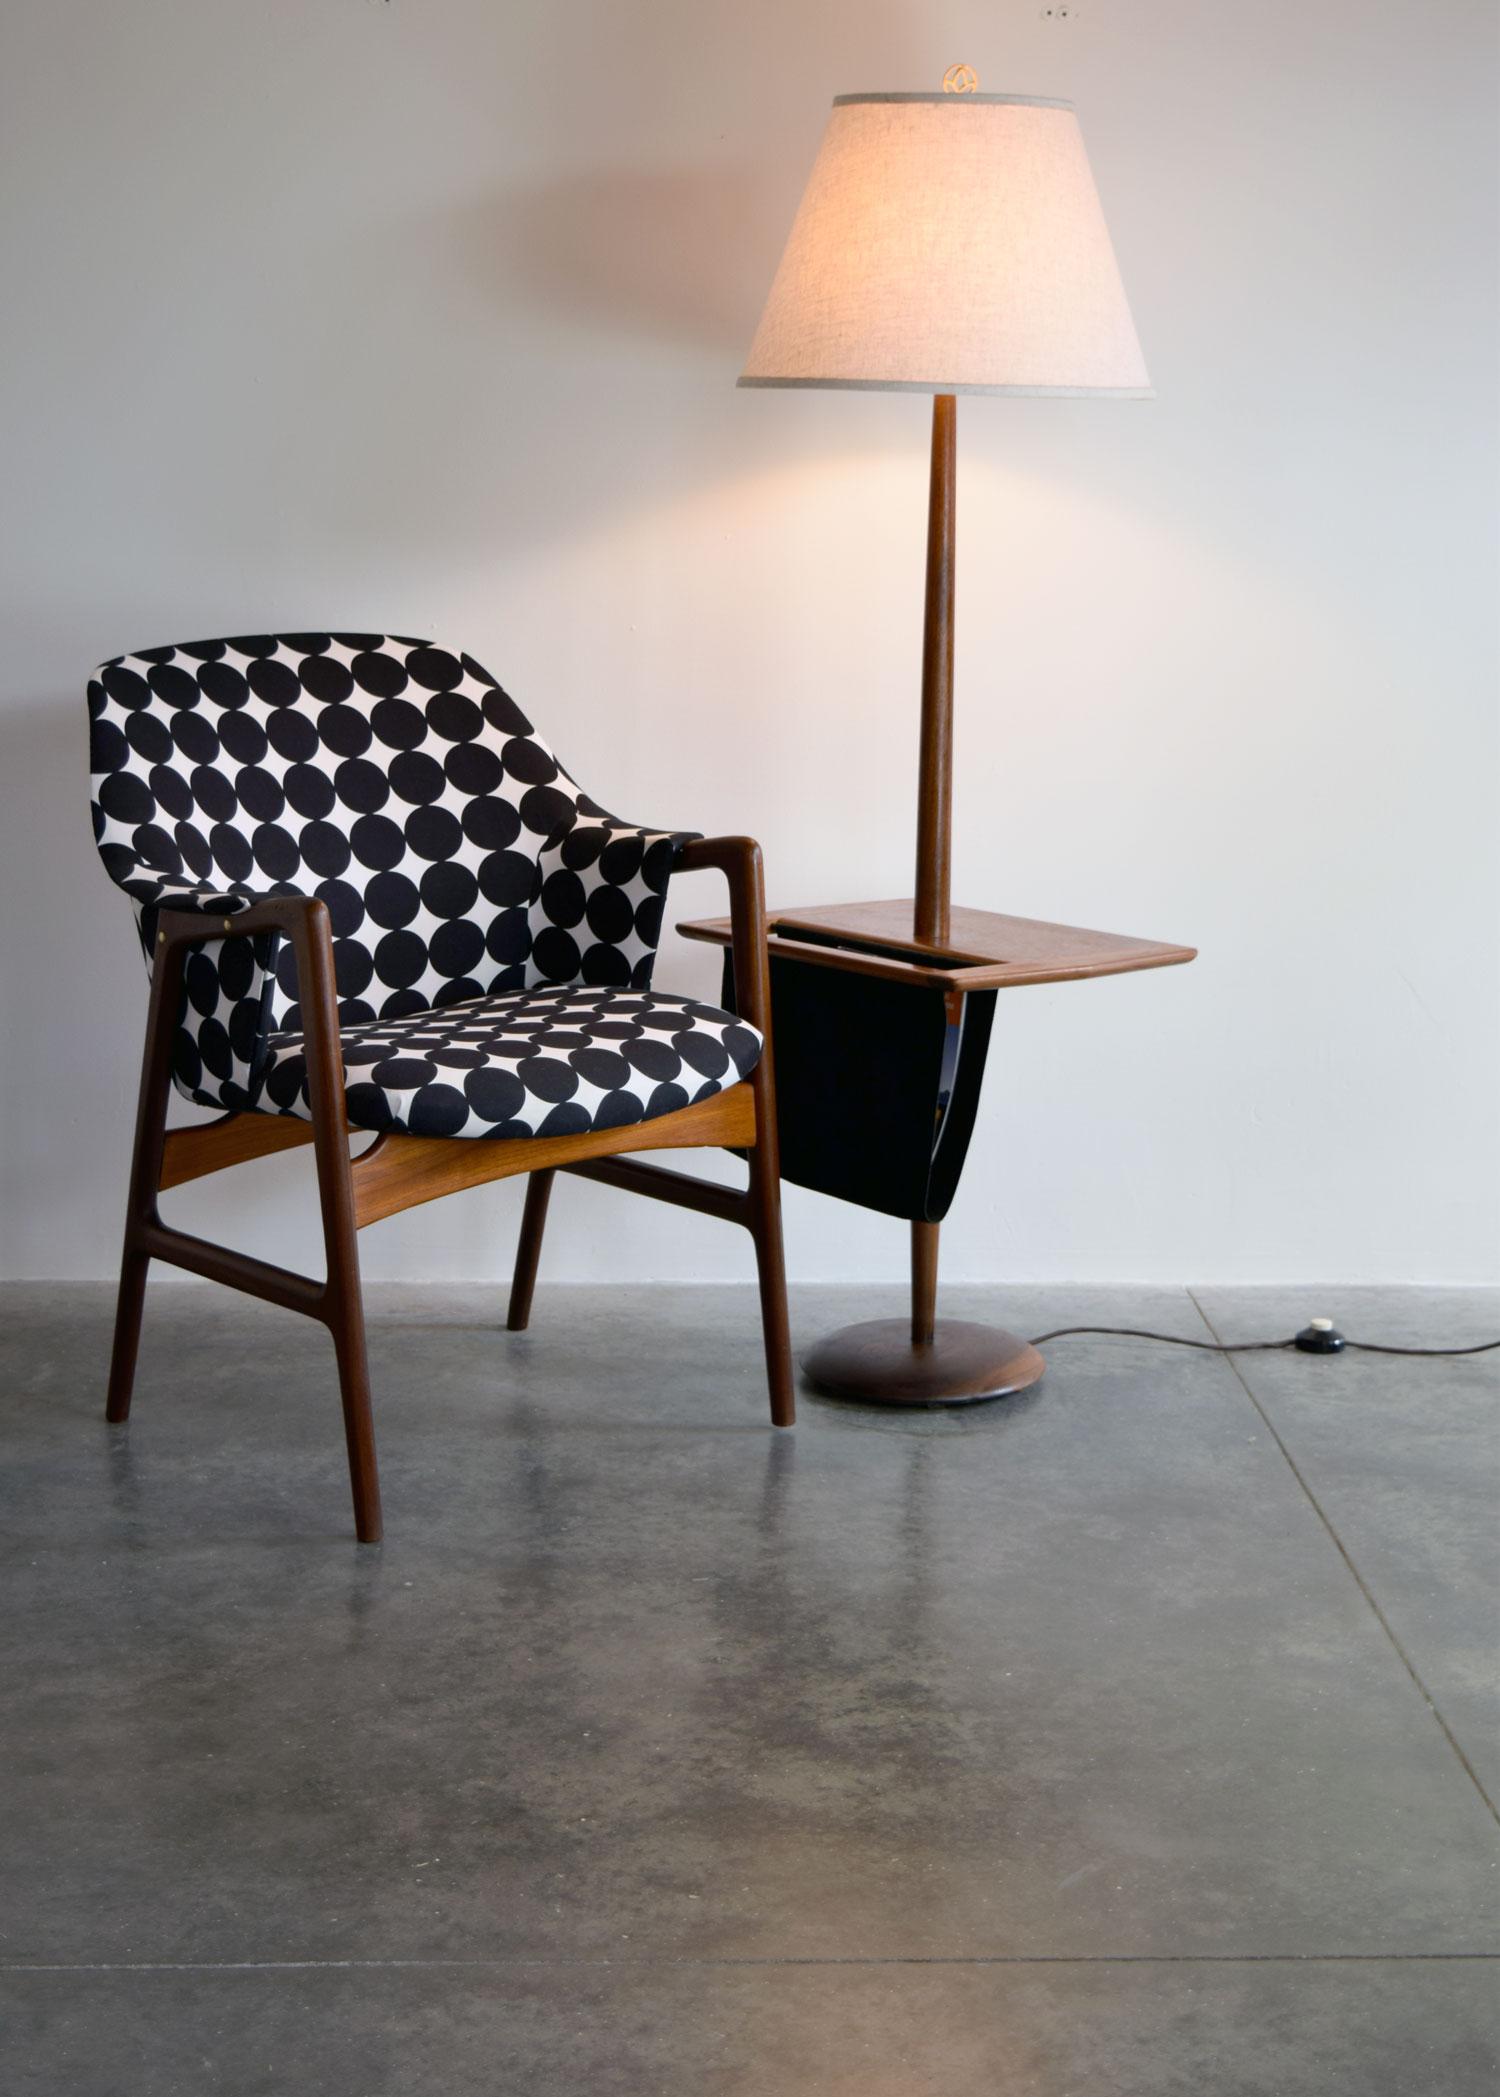 mag_chair2.jpg